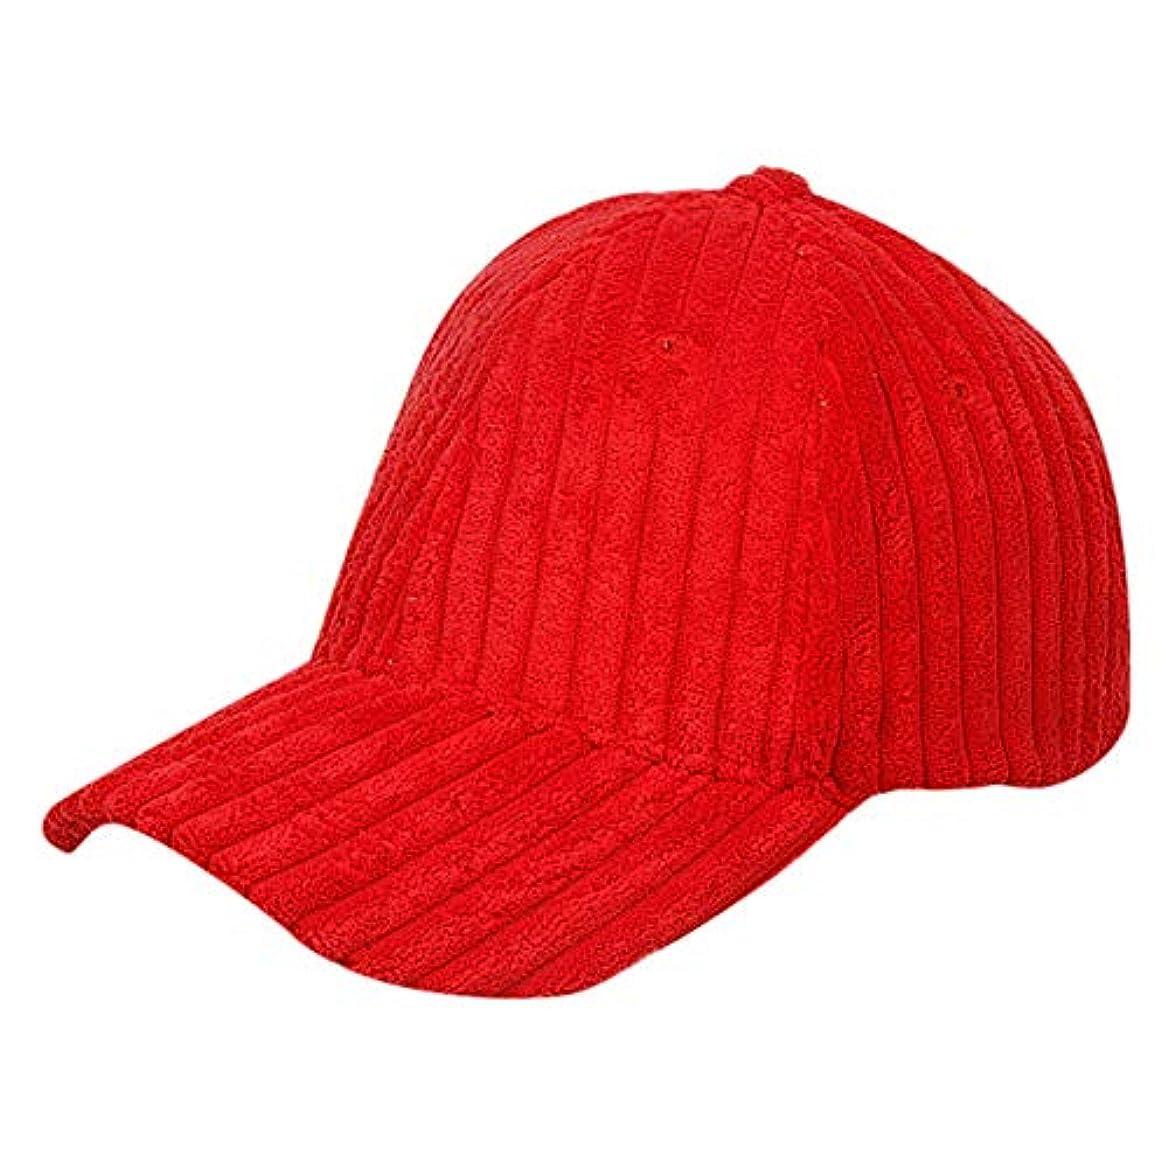 速記権利を与えるブロッサムRacazing Cap コーデュロイ 野球帽 迷彩 冬 登山 通気性のある メッシュ 帽子 ベルクロ 可調整可能 ストライプ 刺繍 棒球帽 UV 帽子 軽量 屋外 Unisex Hat (赤)